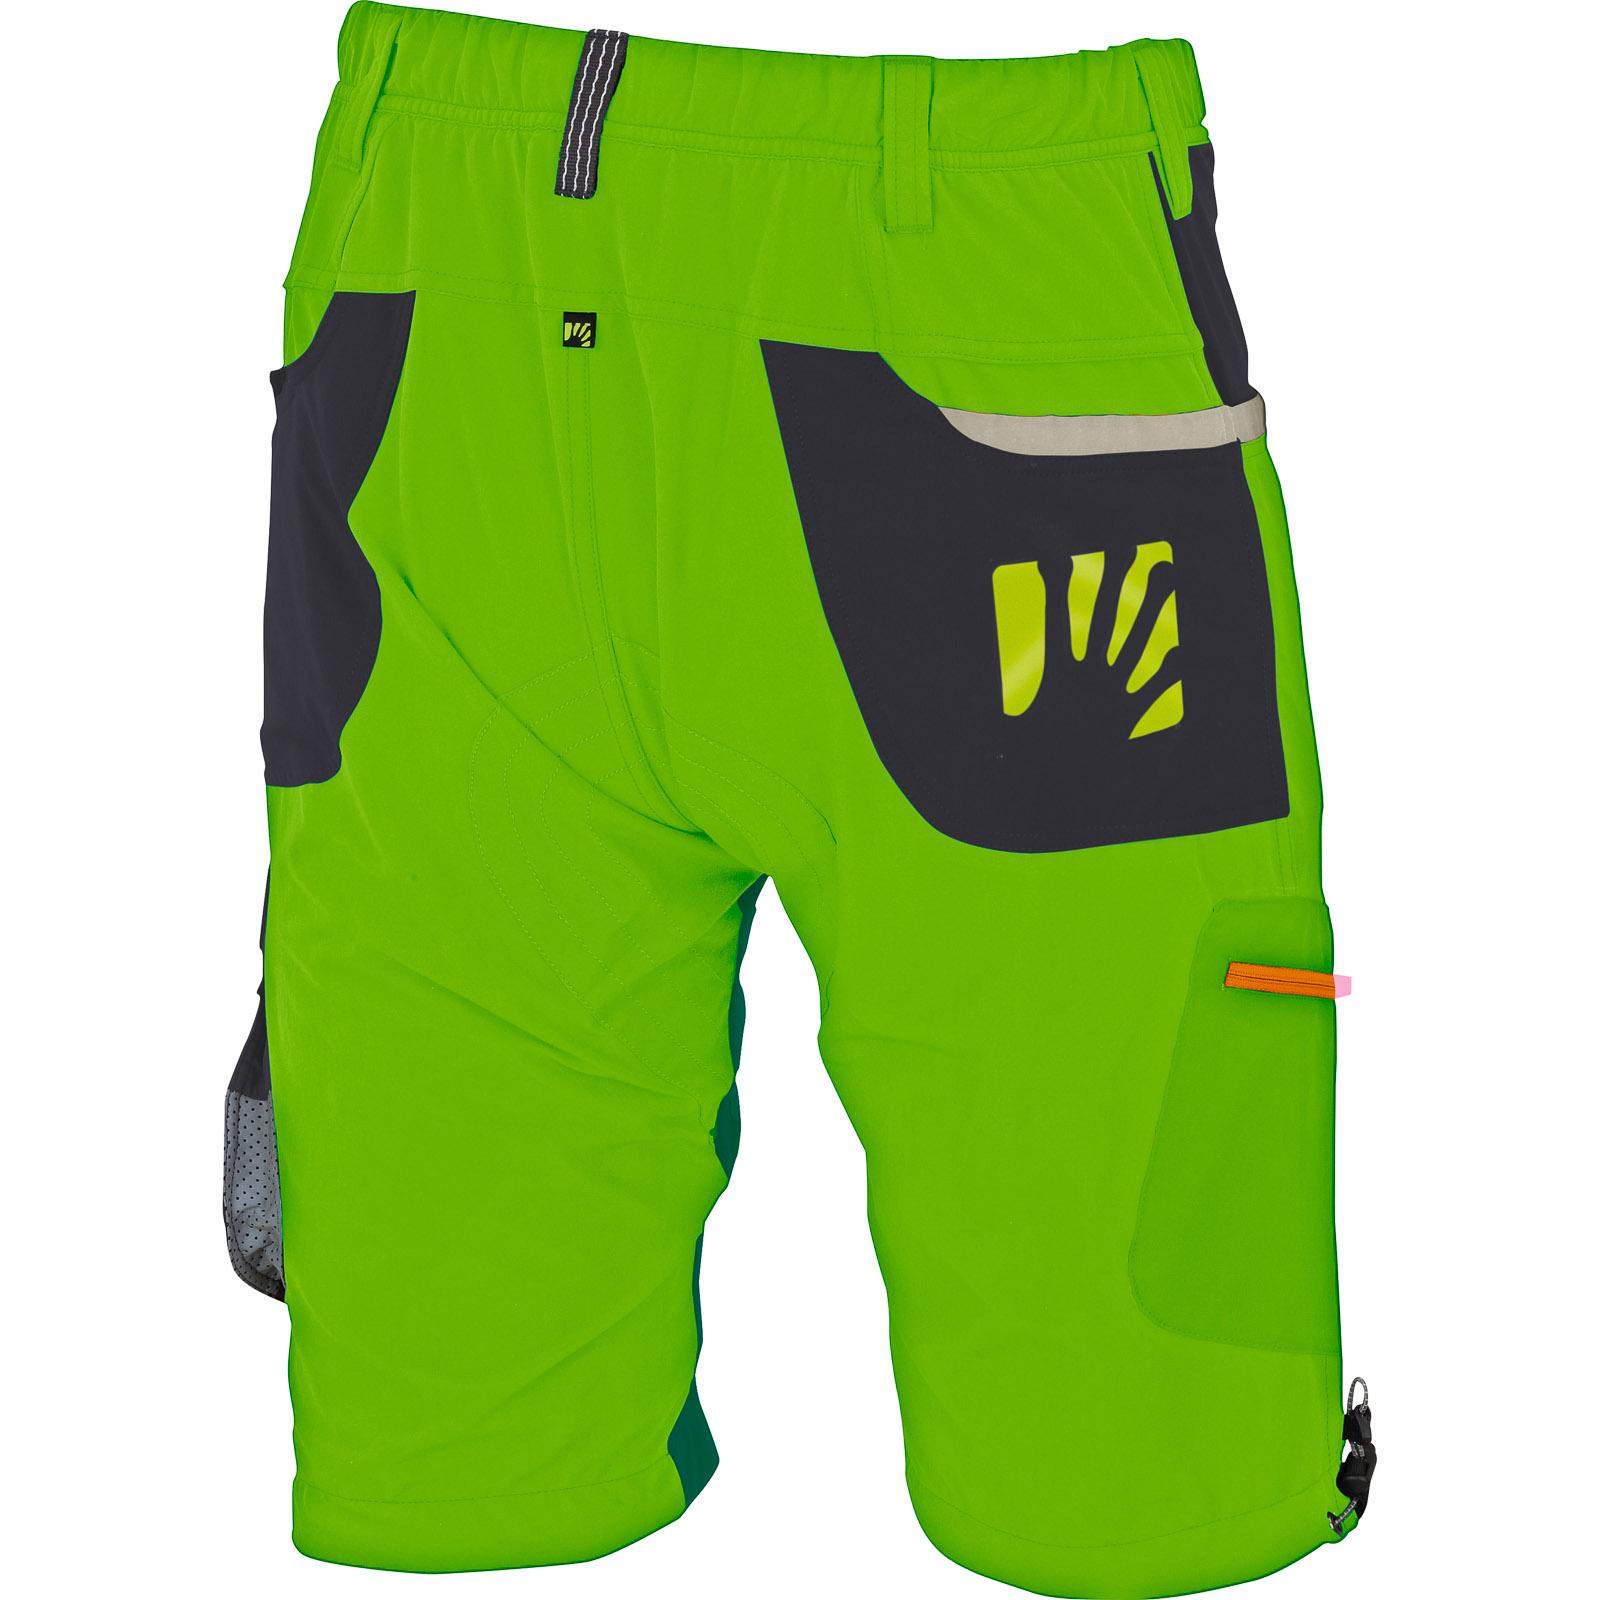 88aa14b811 Karpos CASATSCH BAGGY MTB kraťasy zelené sivé. Pre absolútny zážitok prosím  použite prehliadač s javascriptom